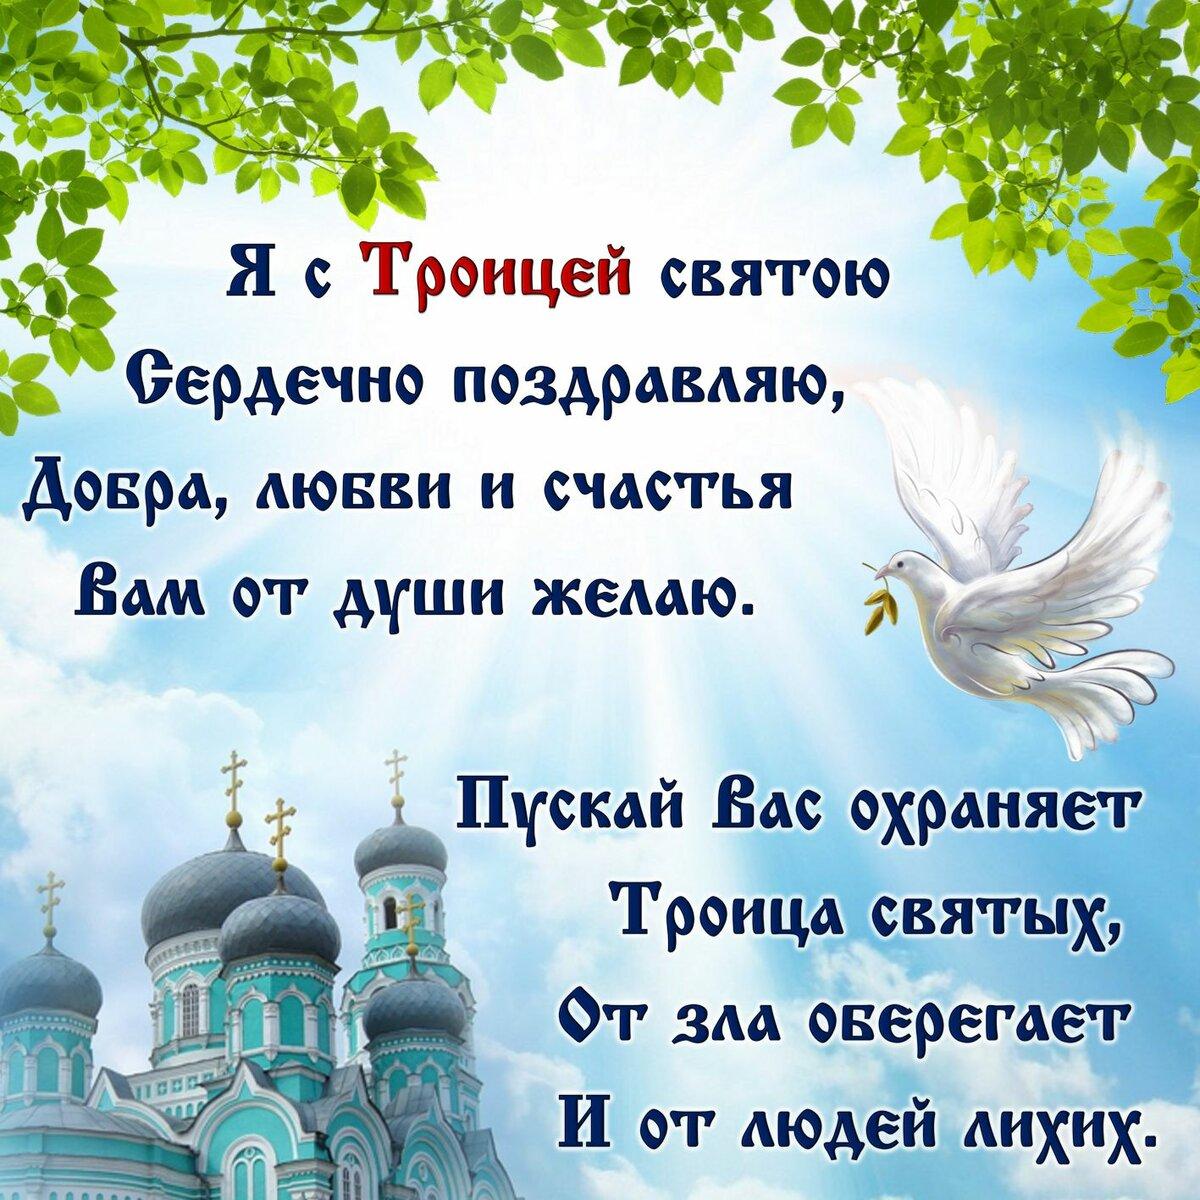 День святой троицы поздравление открытки